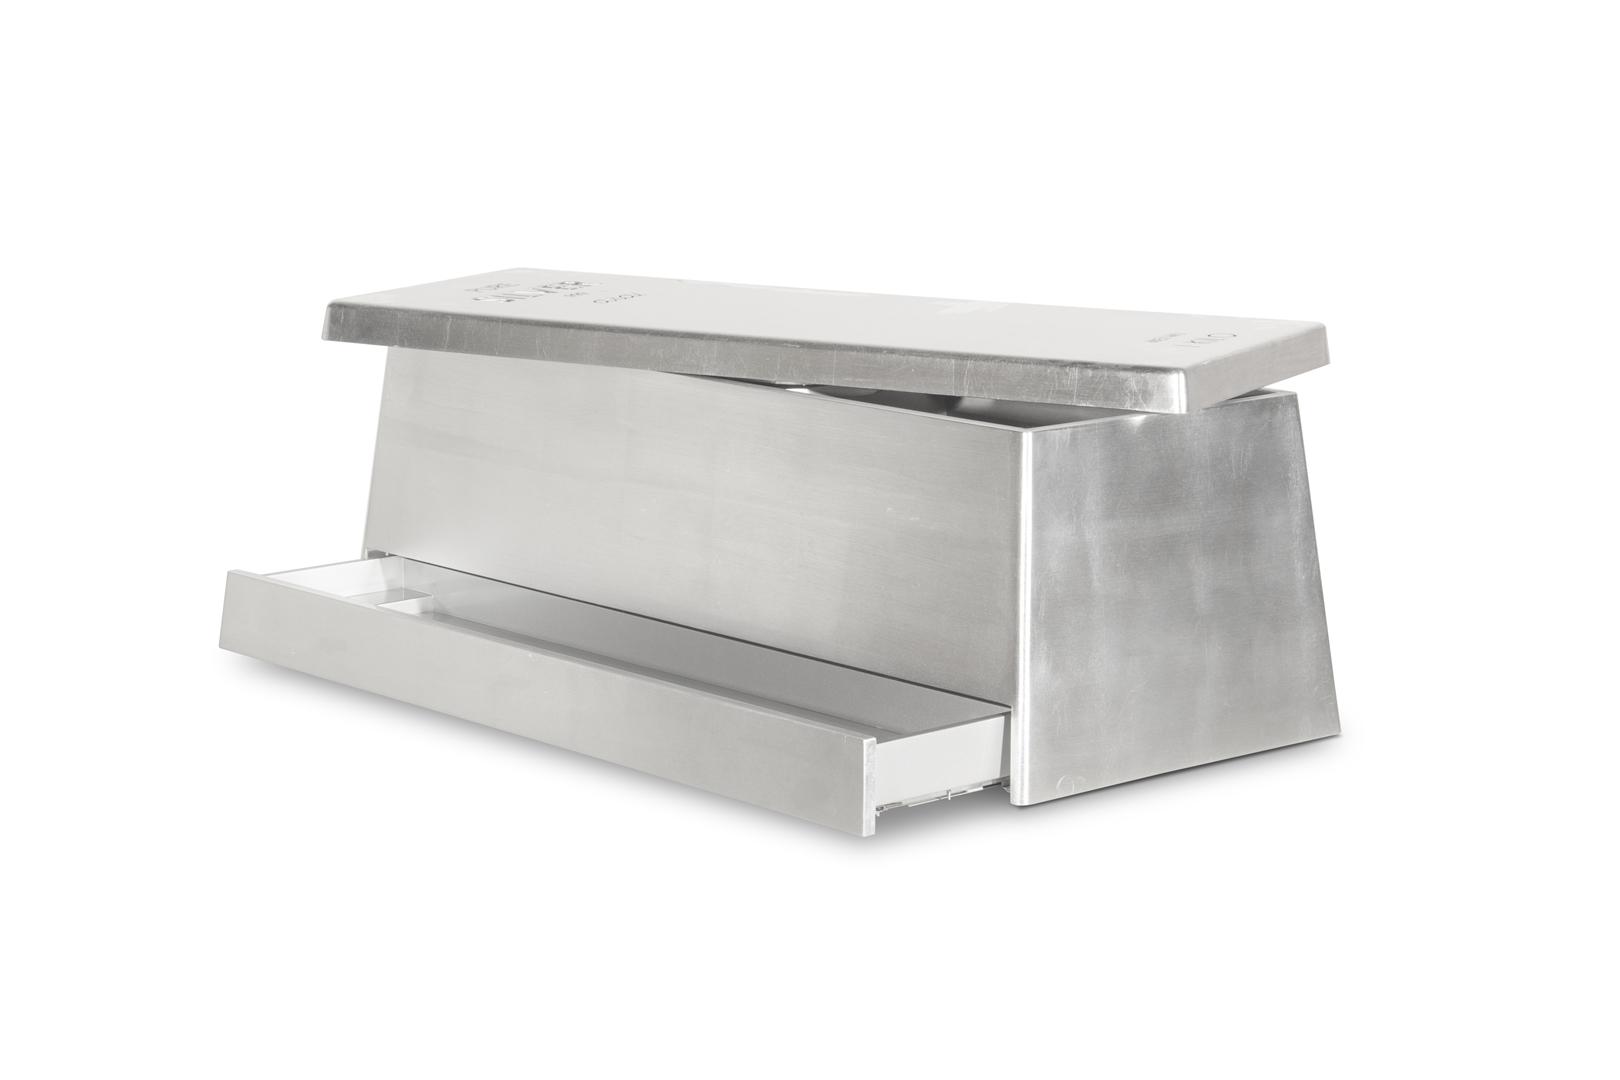 silver-box-detail-circu-magical-furniture-03 (Copy)